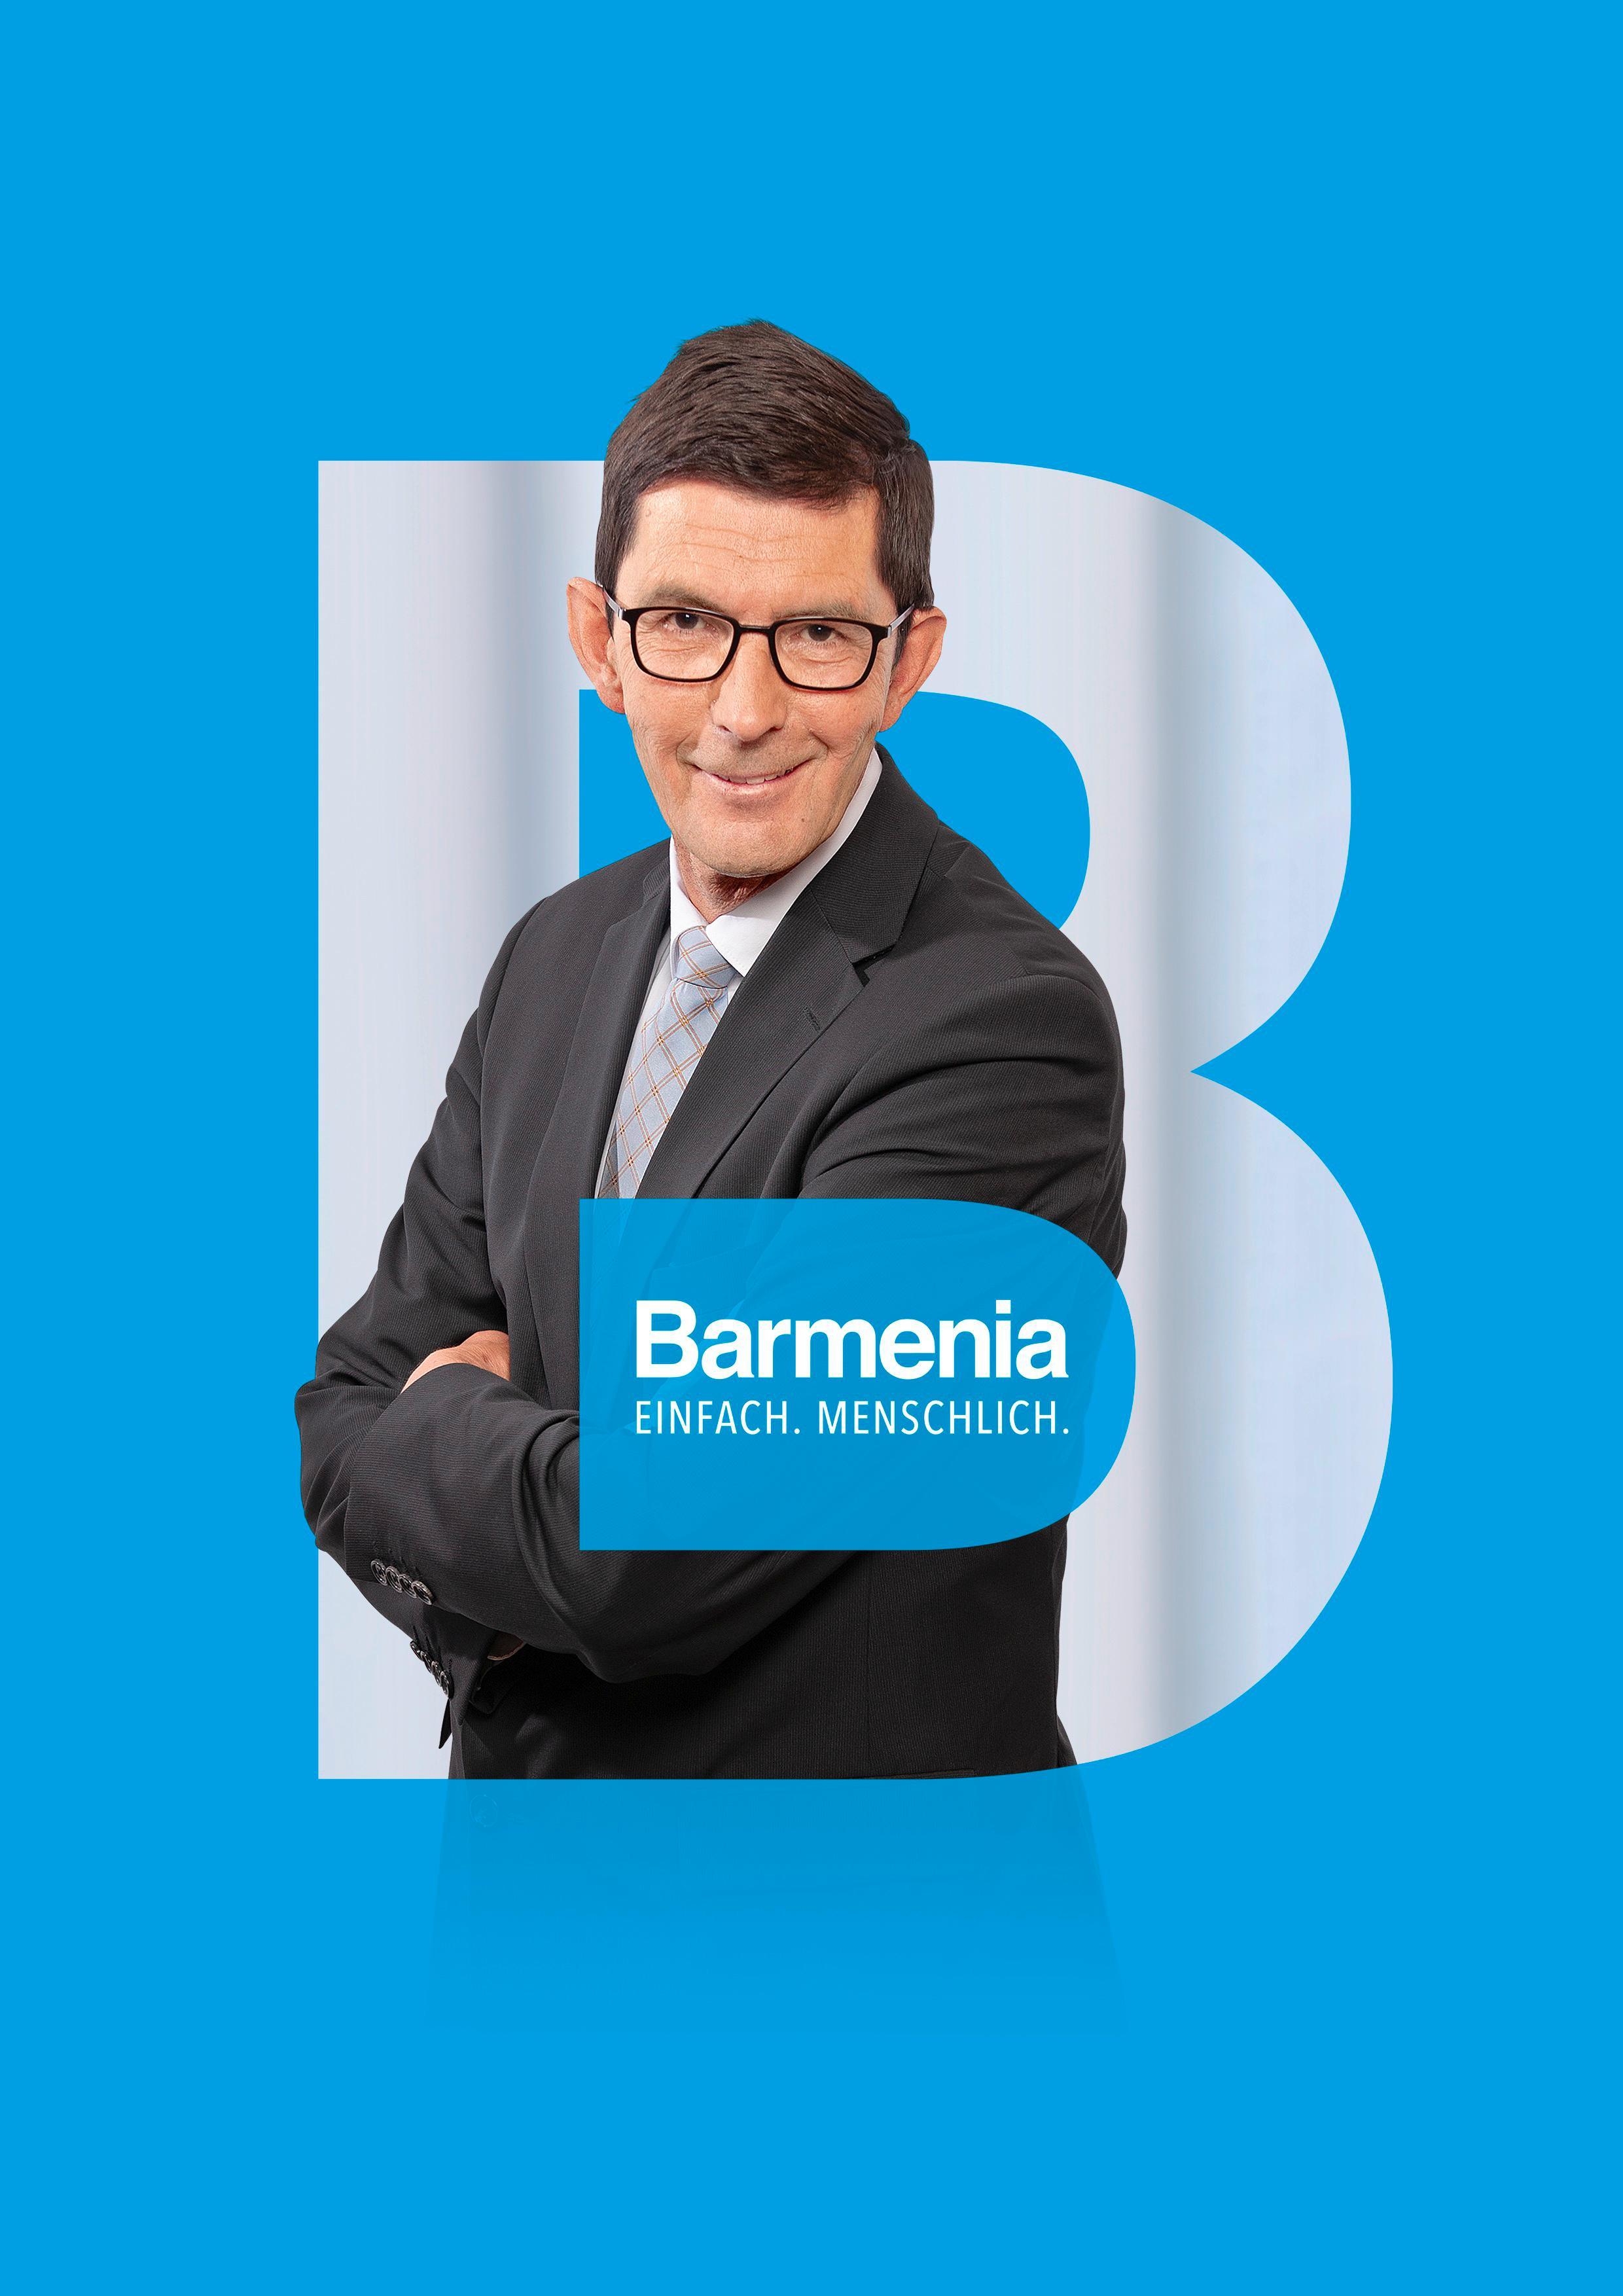 Jens Biesterfeldt. Ihr Ansprechpartner für die Barmenia Versicherung in Bremen.